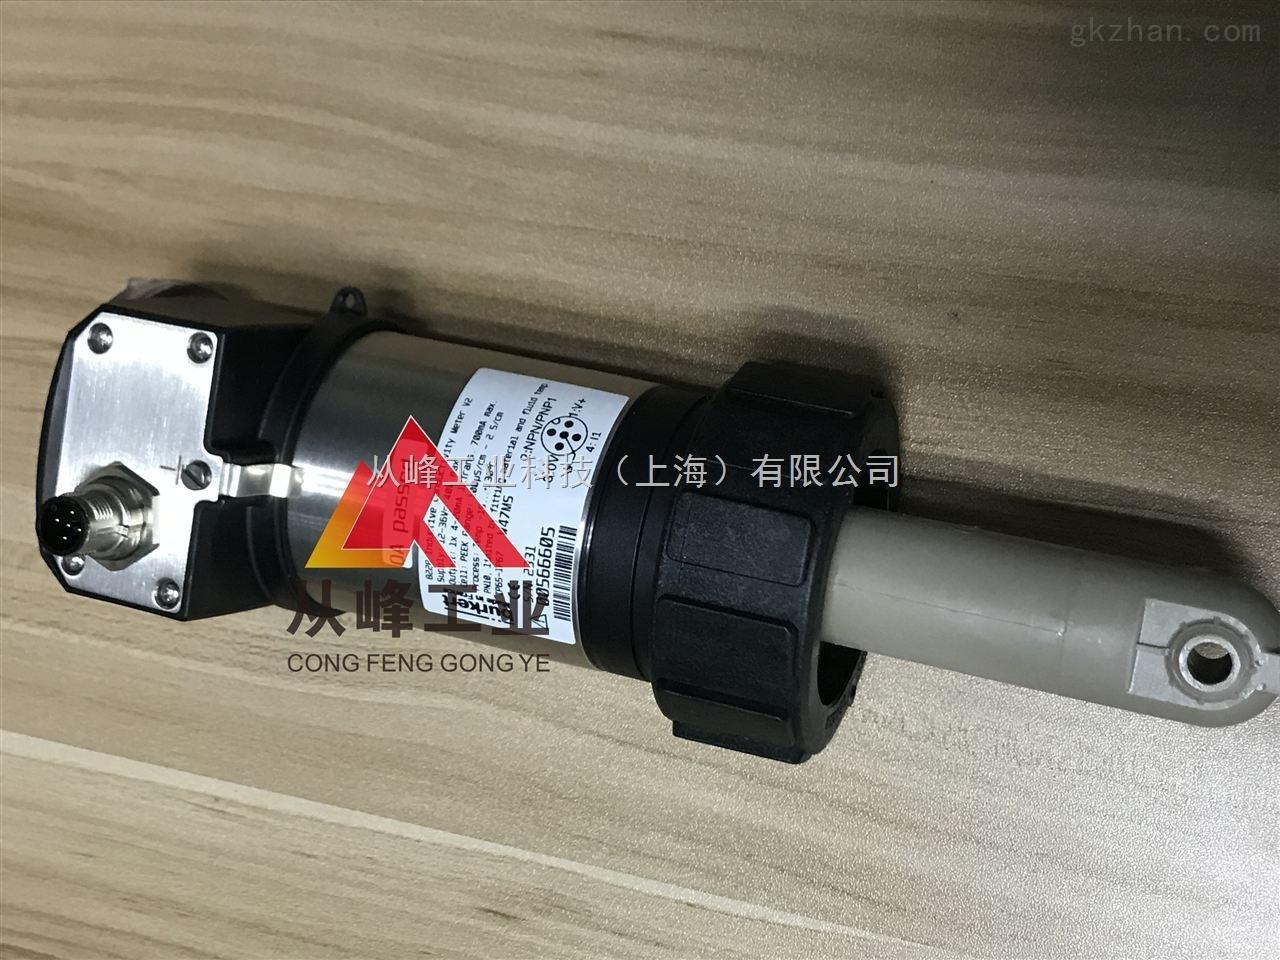 burkert00566604 宝德型号8228电导率